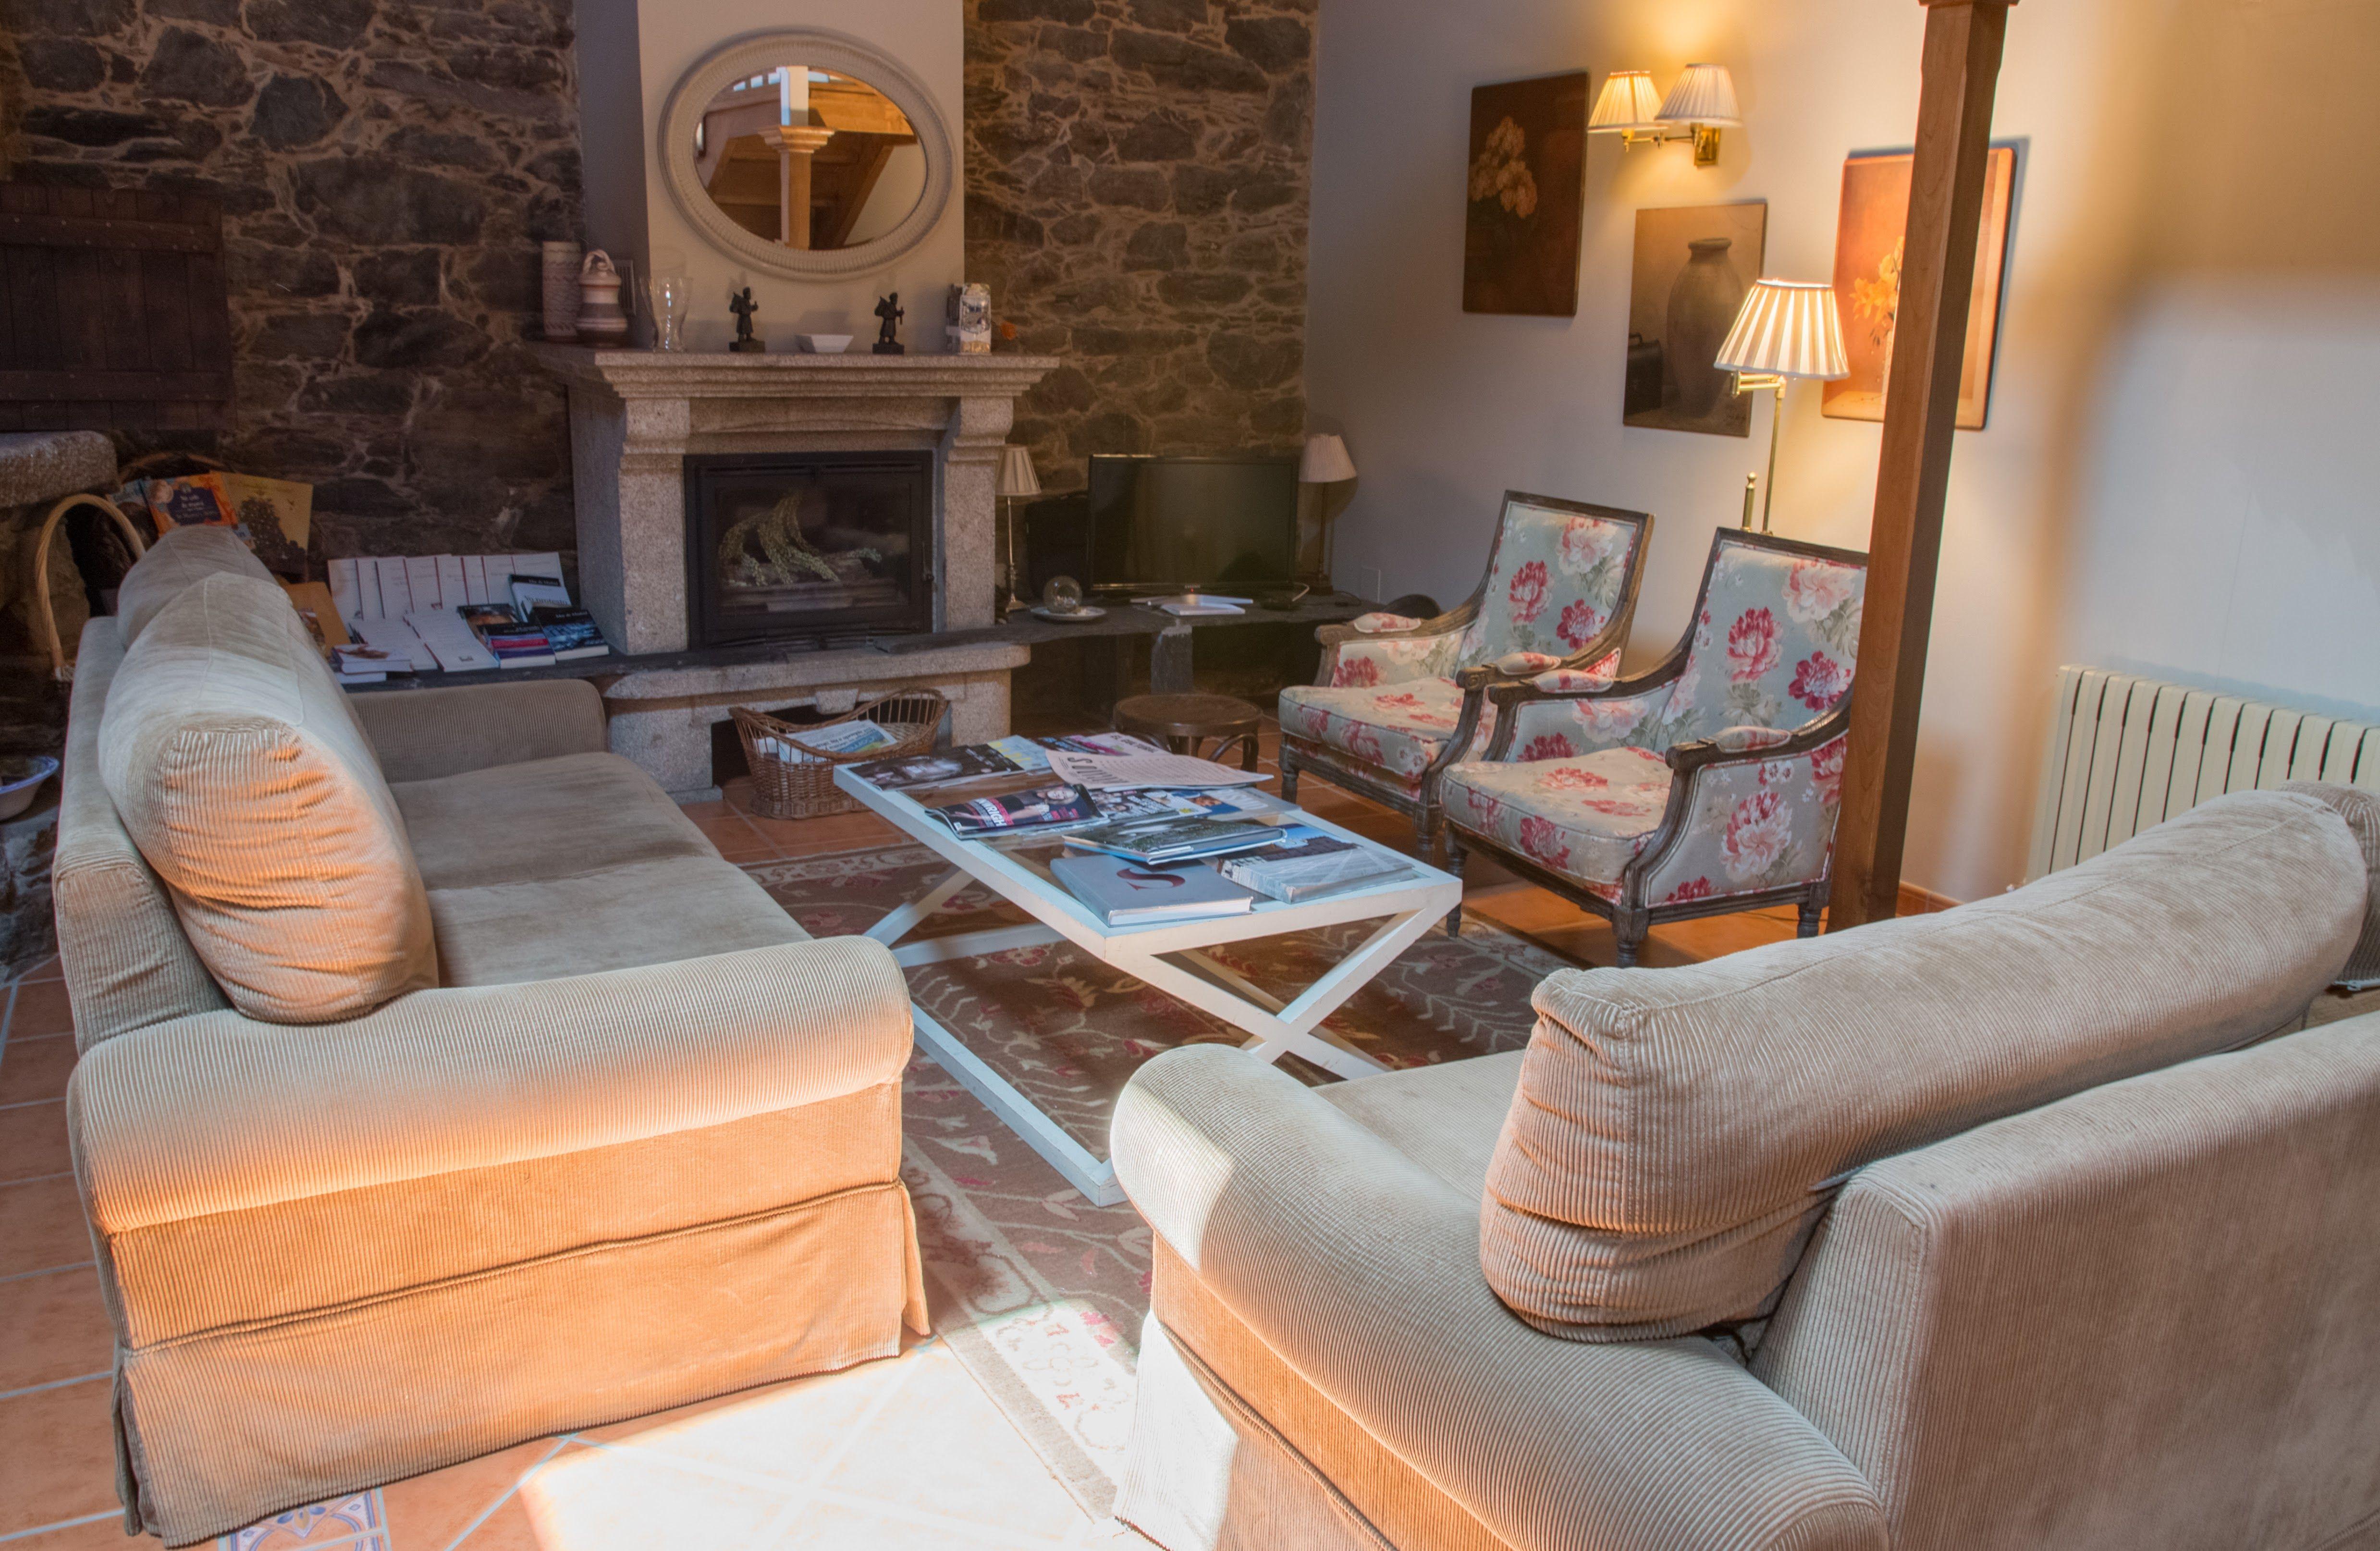 Foto 2 de Casa rural en Santiago de Compostela | A Casa da Torre Branca